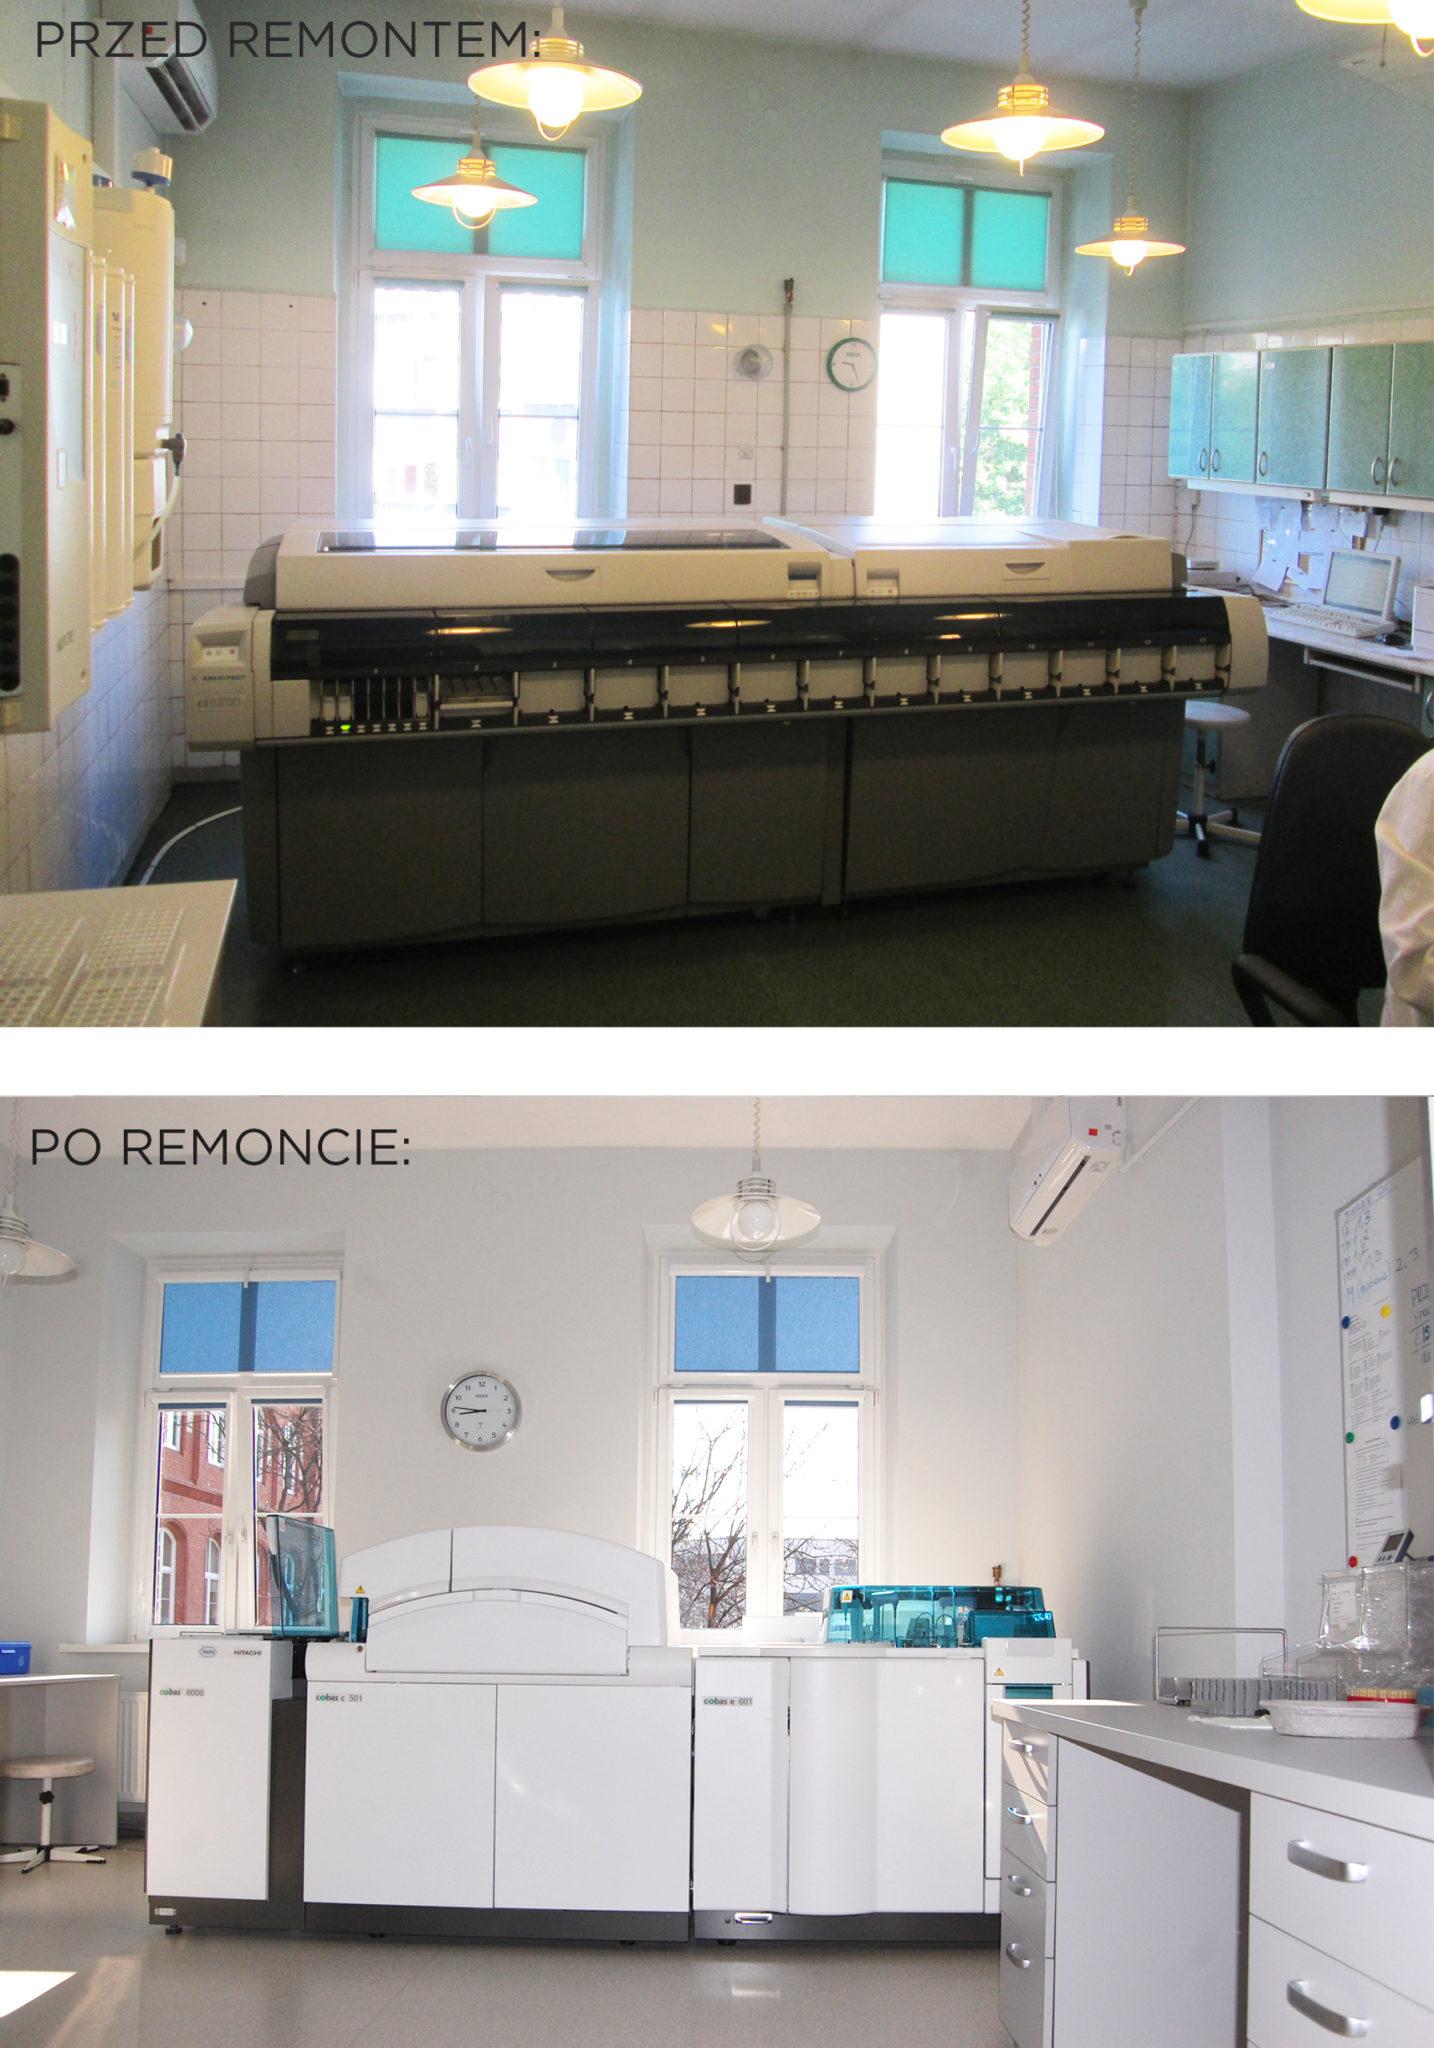 Roche laboratorium DCO, Wrocław, architektura medyczna, koru, julia koczur 02